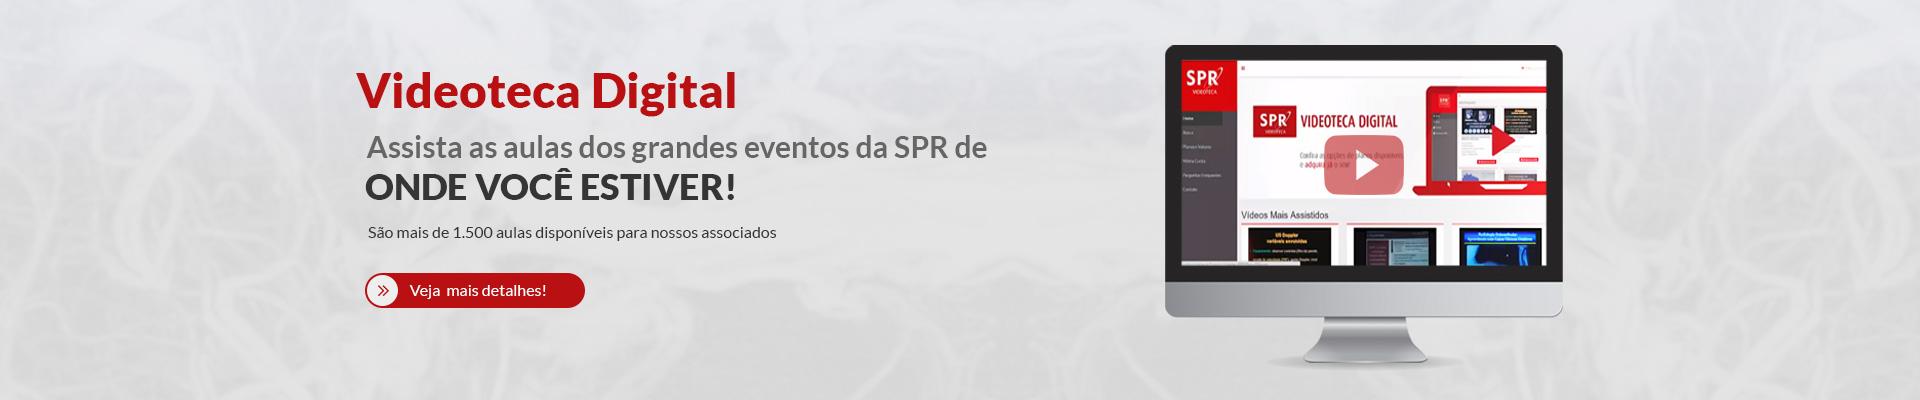 Conheça a Videoteca Digital da SPR